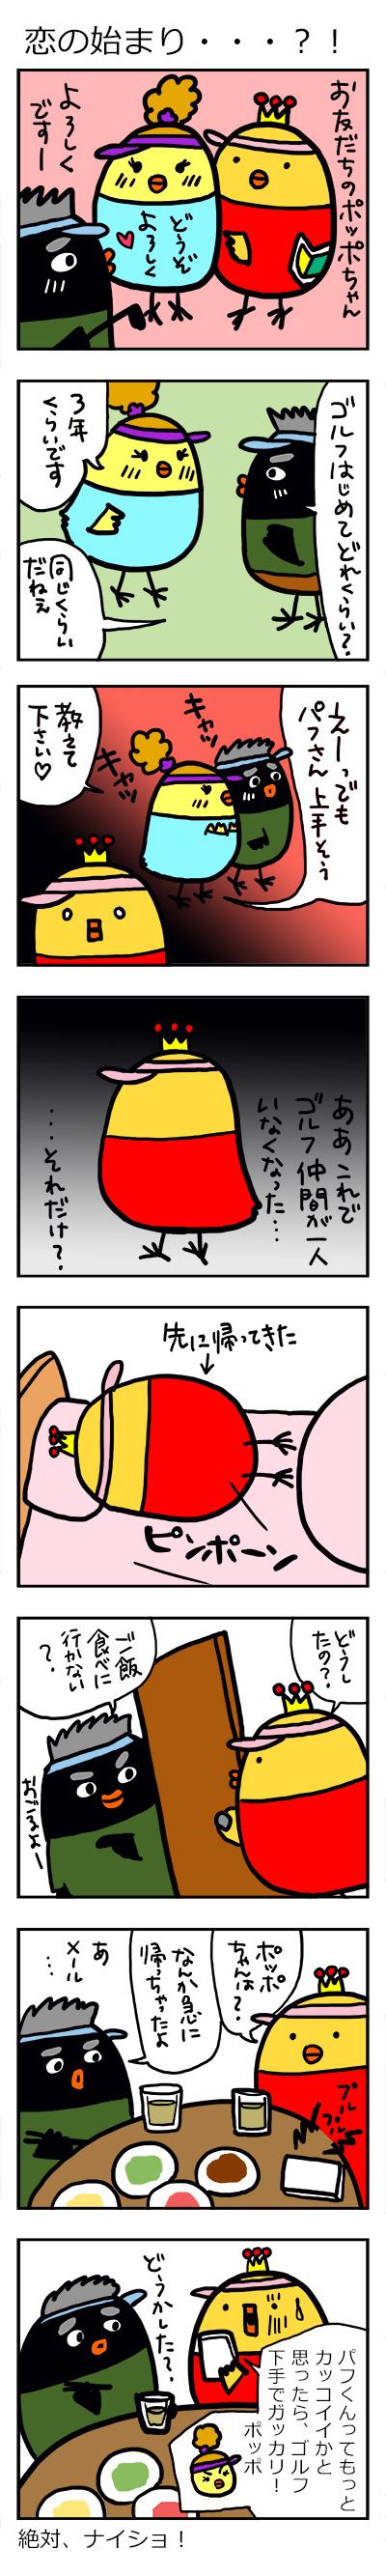 恋のはじまり・・・?!